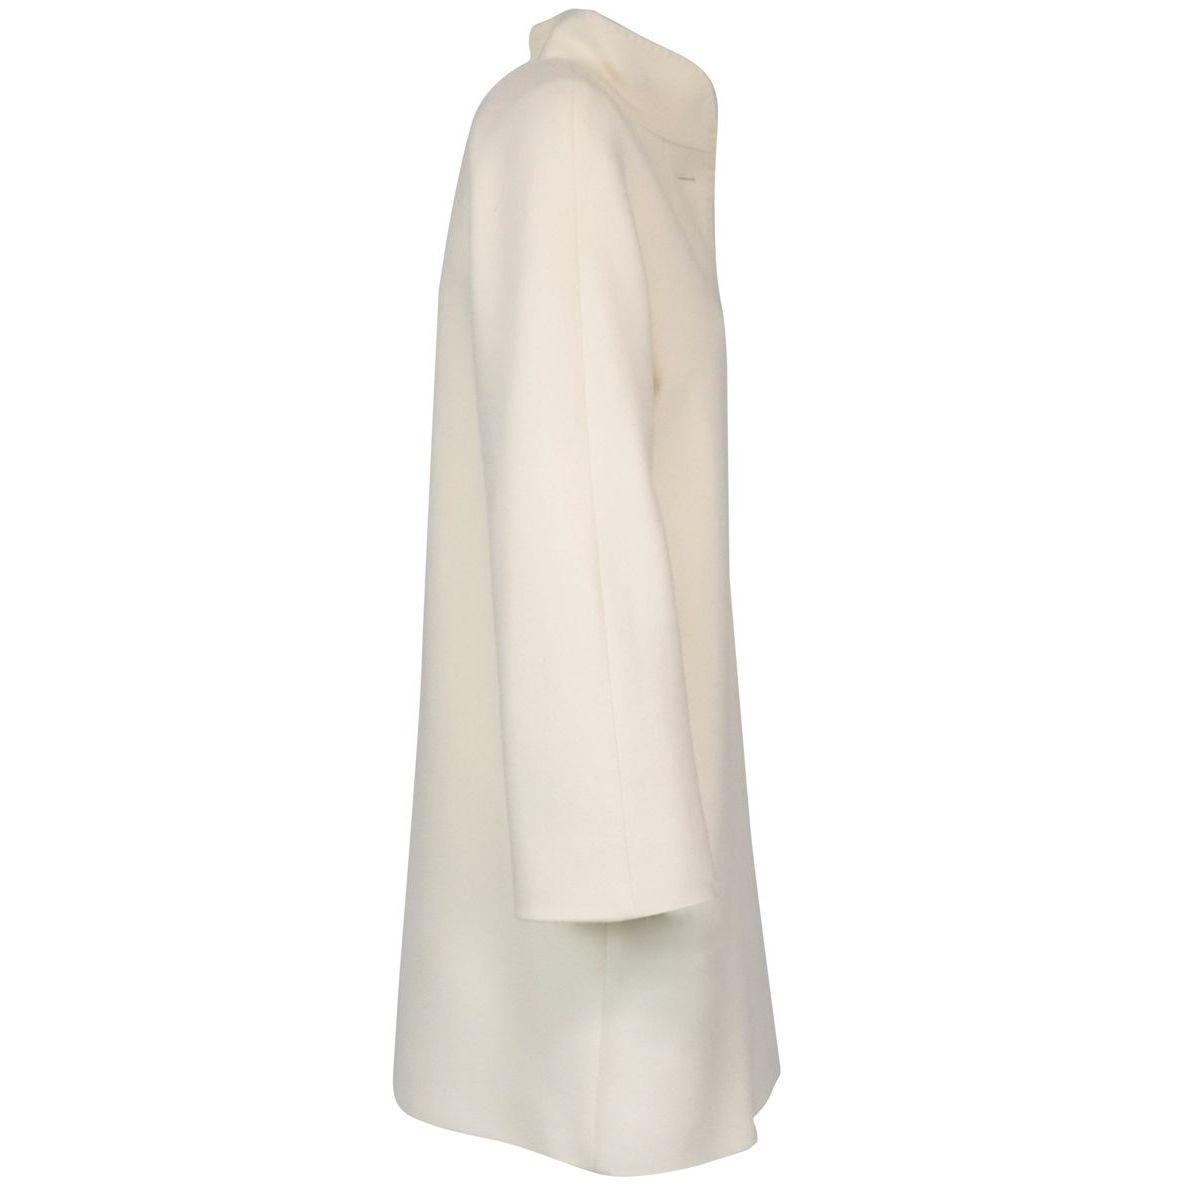 Coat with standing collar Zenit in virgin wool Cream MAX MARA STUDIO